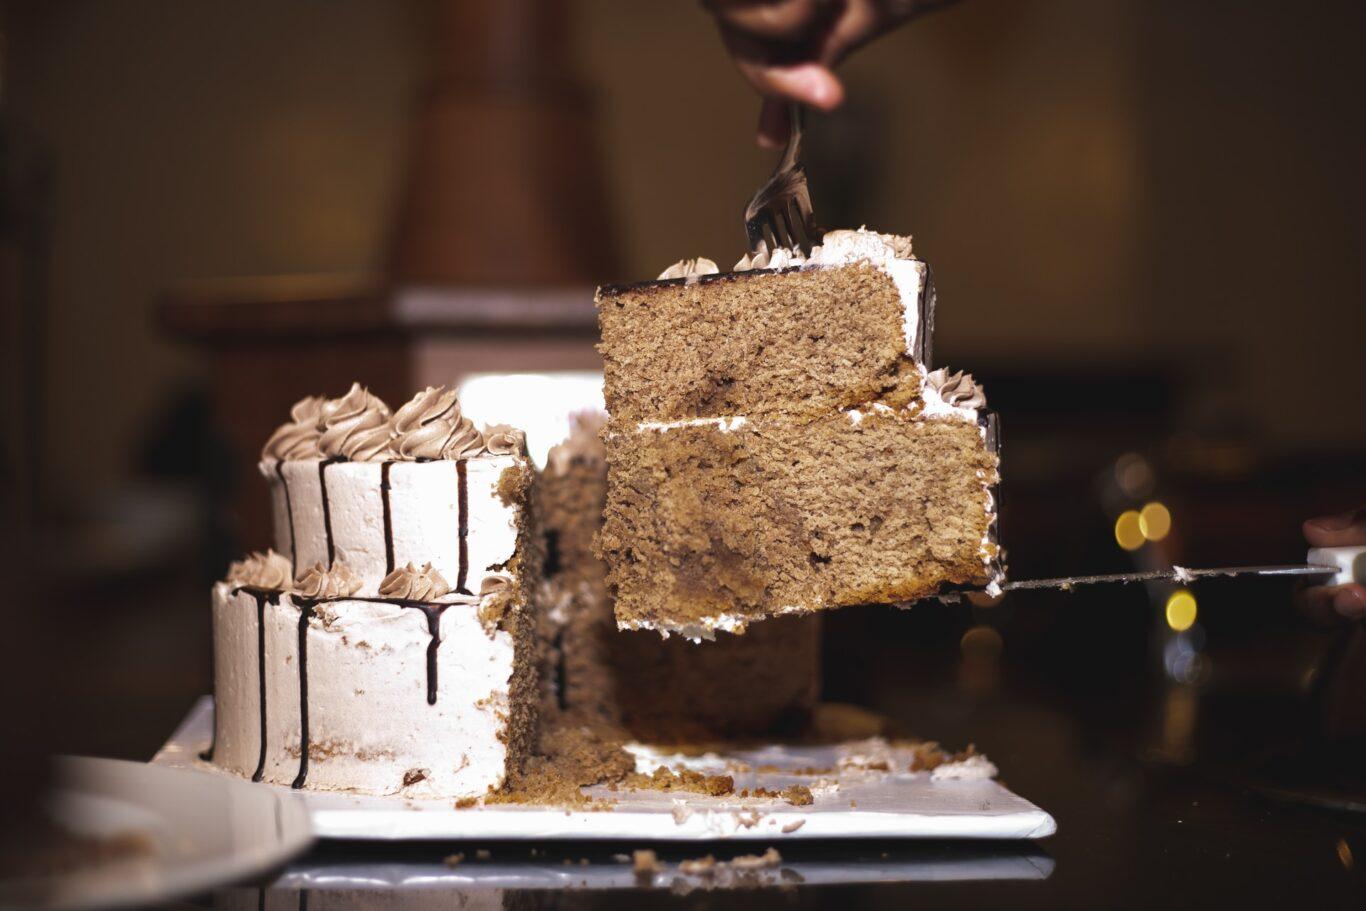 καφέ τούρτα για δεξίωση